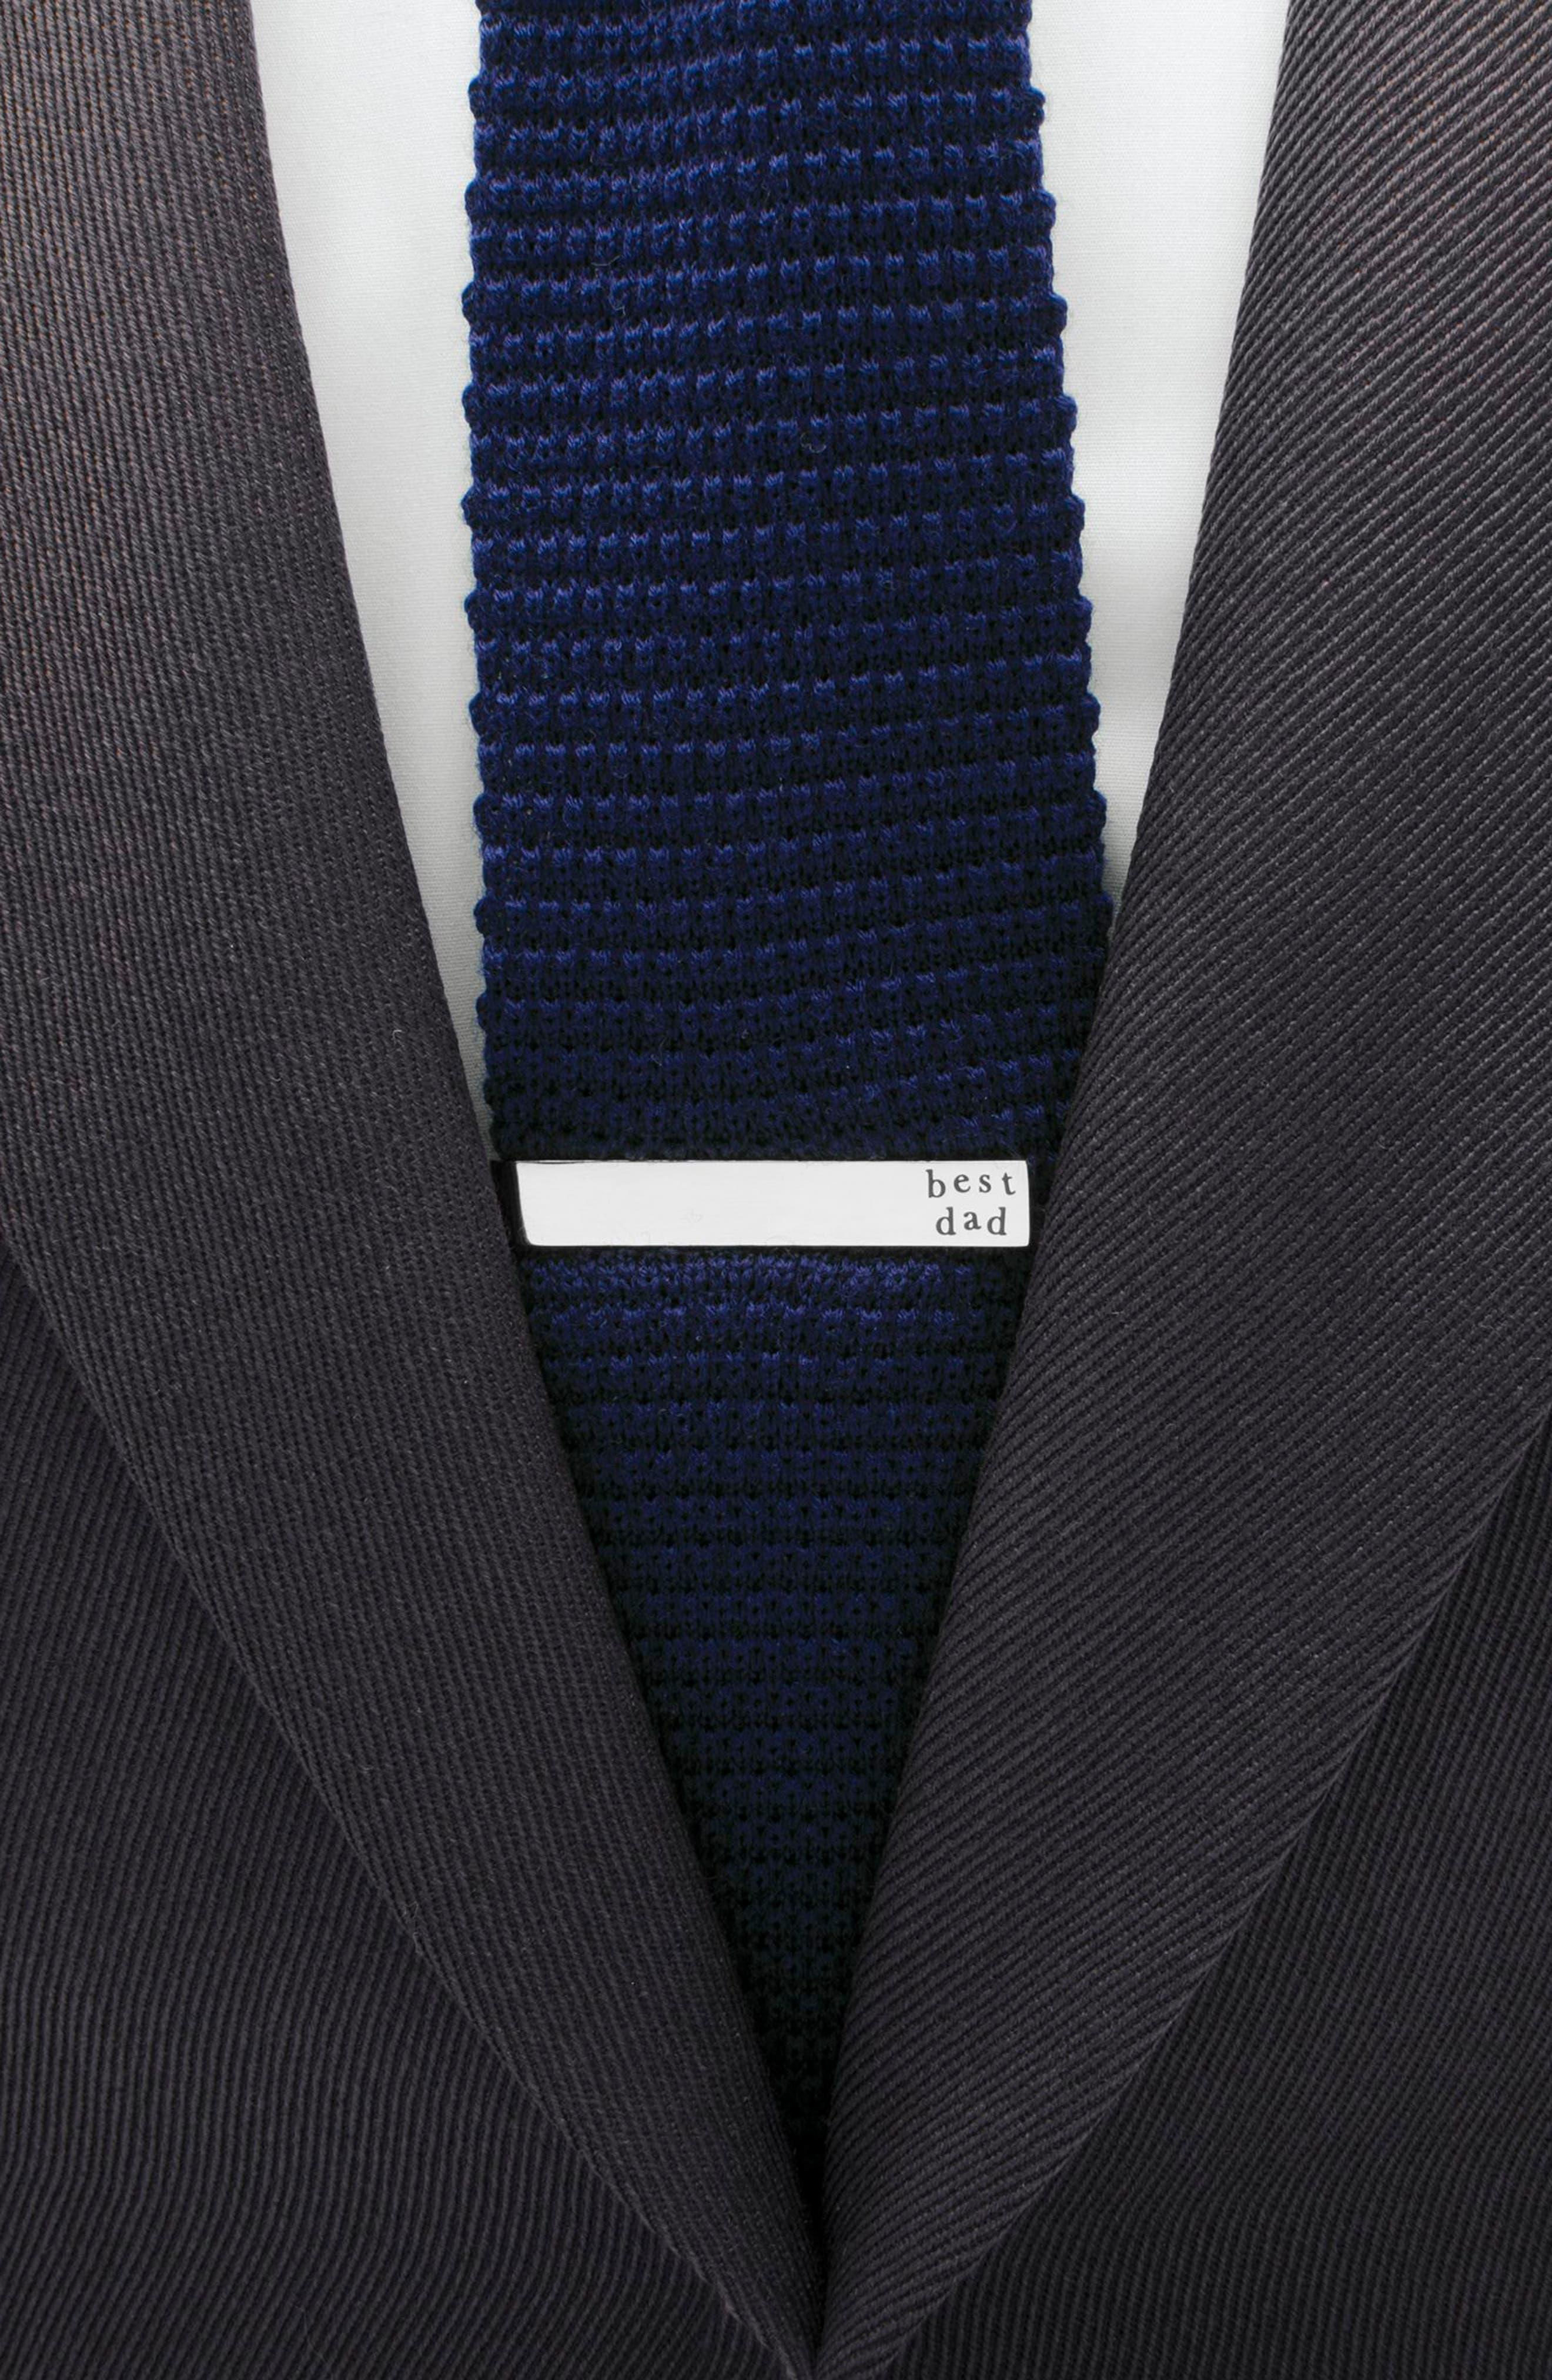 Alternate Image 3  - Cufflinks, Inc. Best Dad Tie Bar